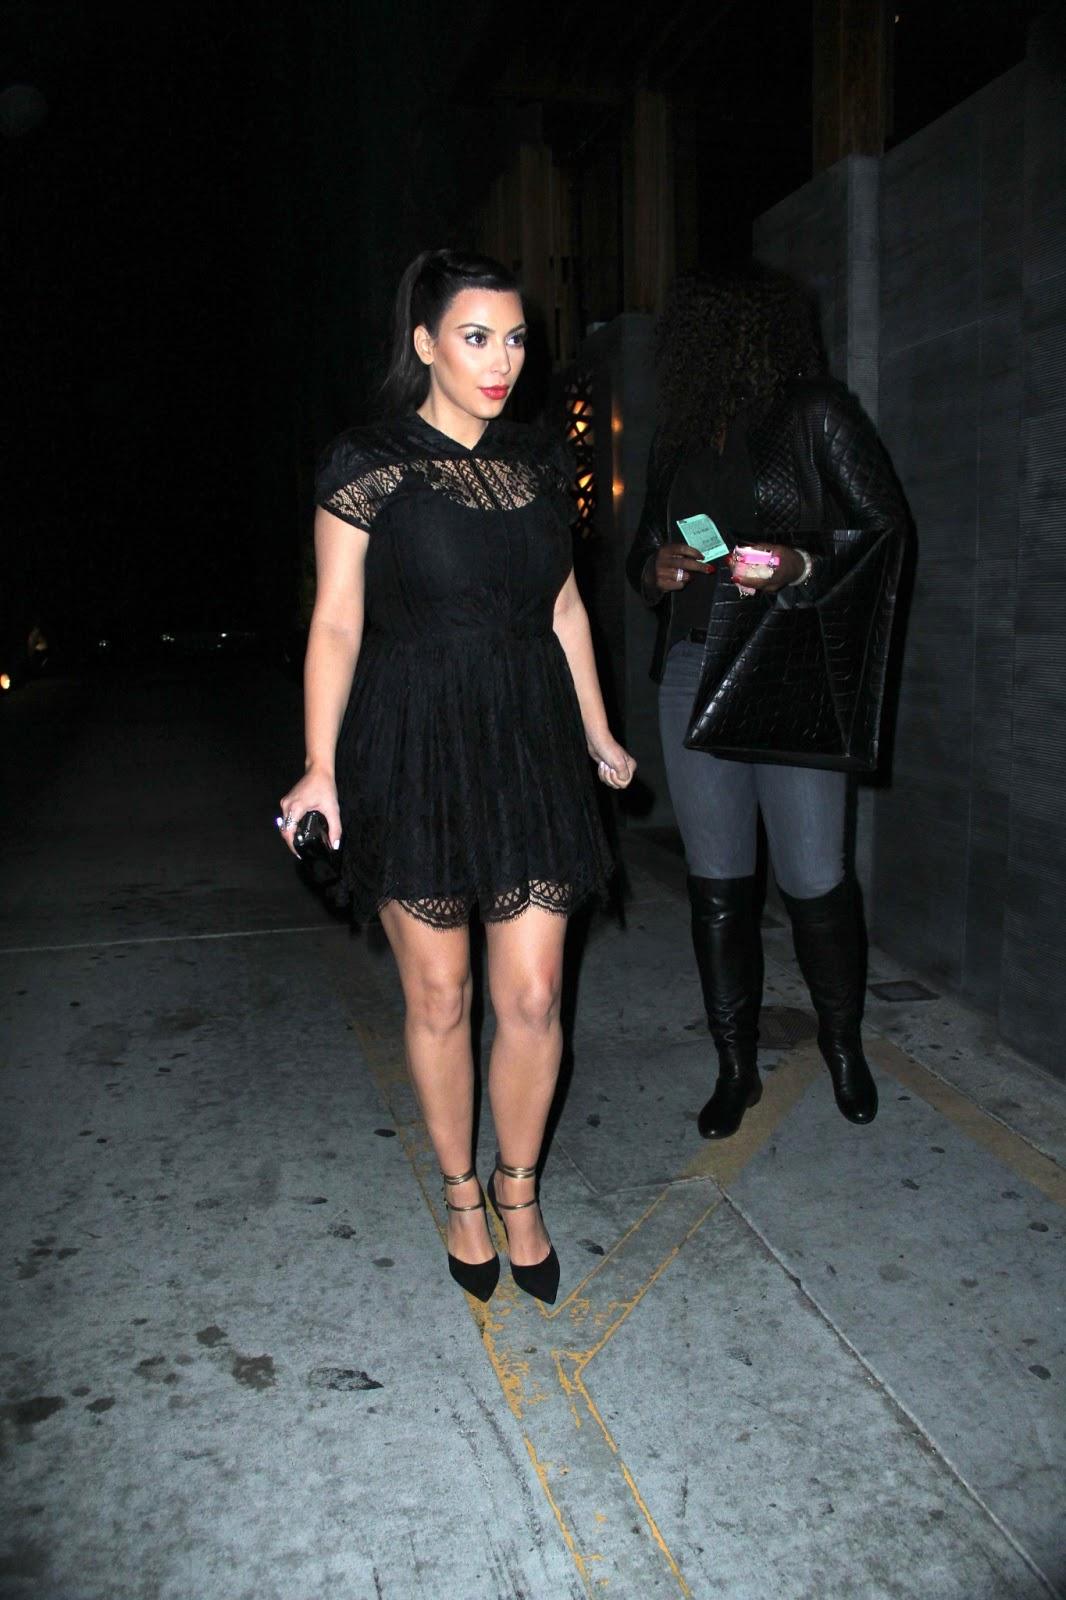 http://1.bp.blogspot.com/-zXpJIaFtDxk/UQlyk6HwBzI/AAAAAAAA7dg/JRtlcbJi8Mk/s1600/Kim+Kardashian-Serena-Williams-Gossipwelove1.jpg